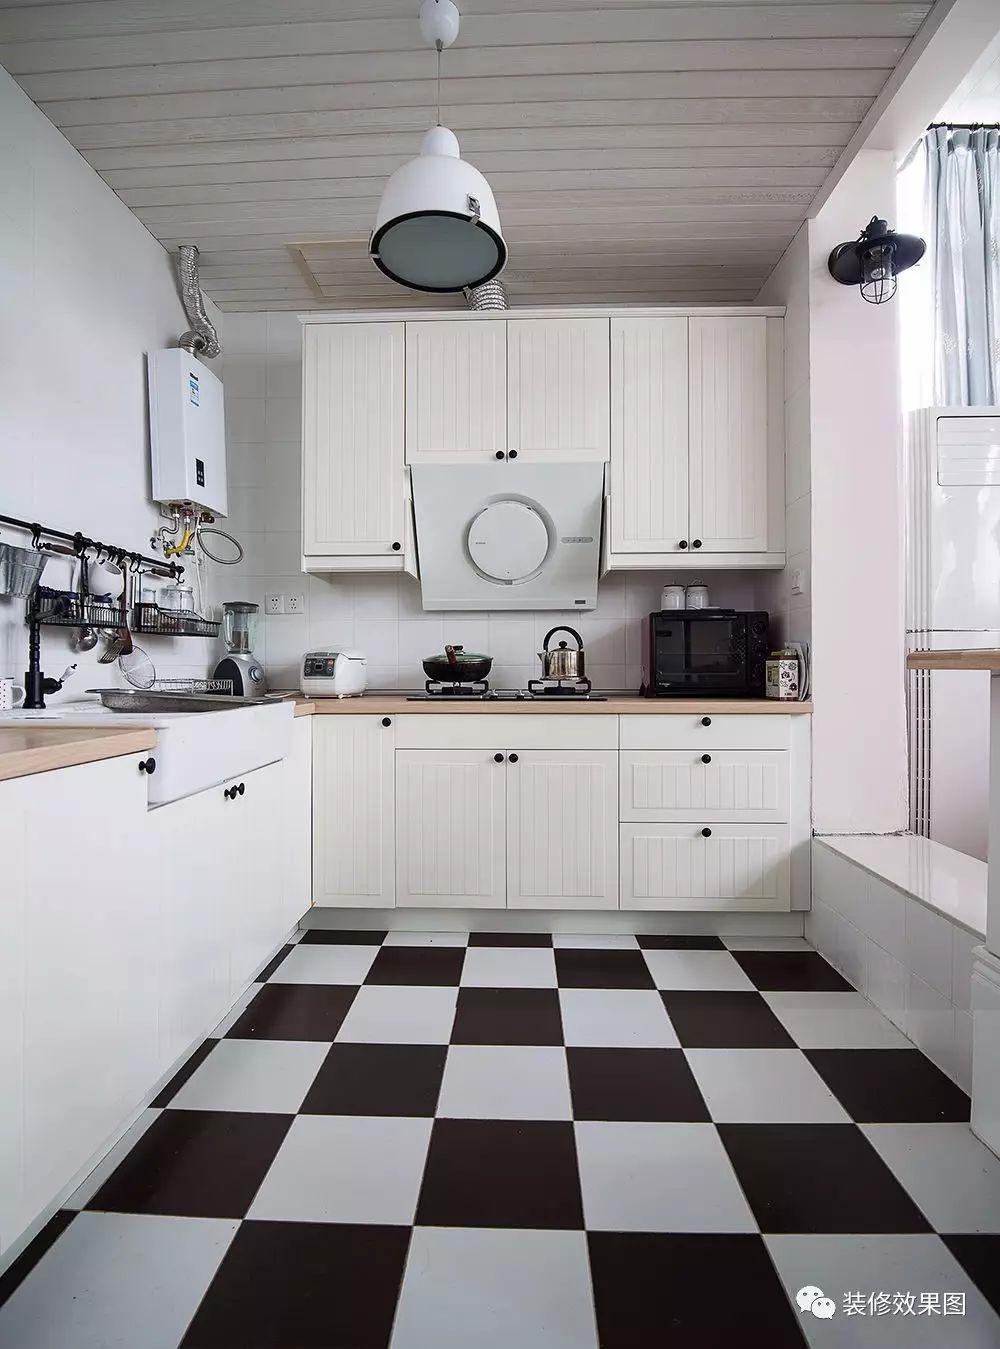 在厨房安装橱柜时,可以将封闭式橱柜与开放式橱柜相结合,既方便来回拿